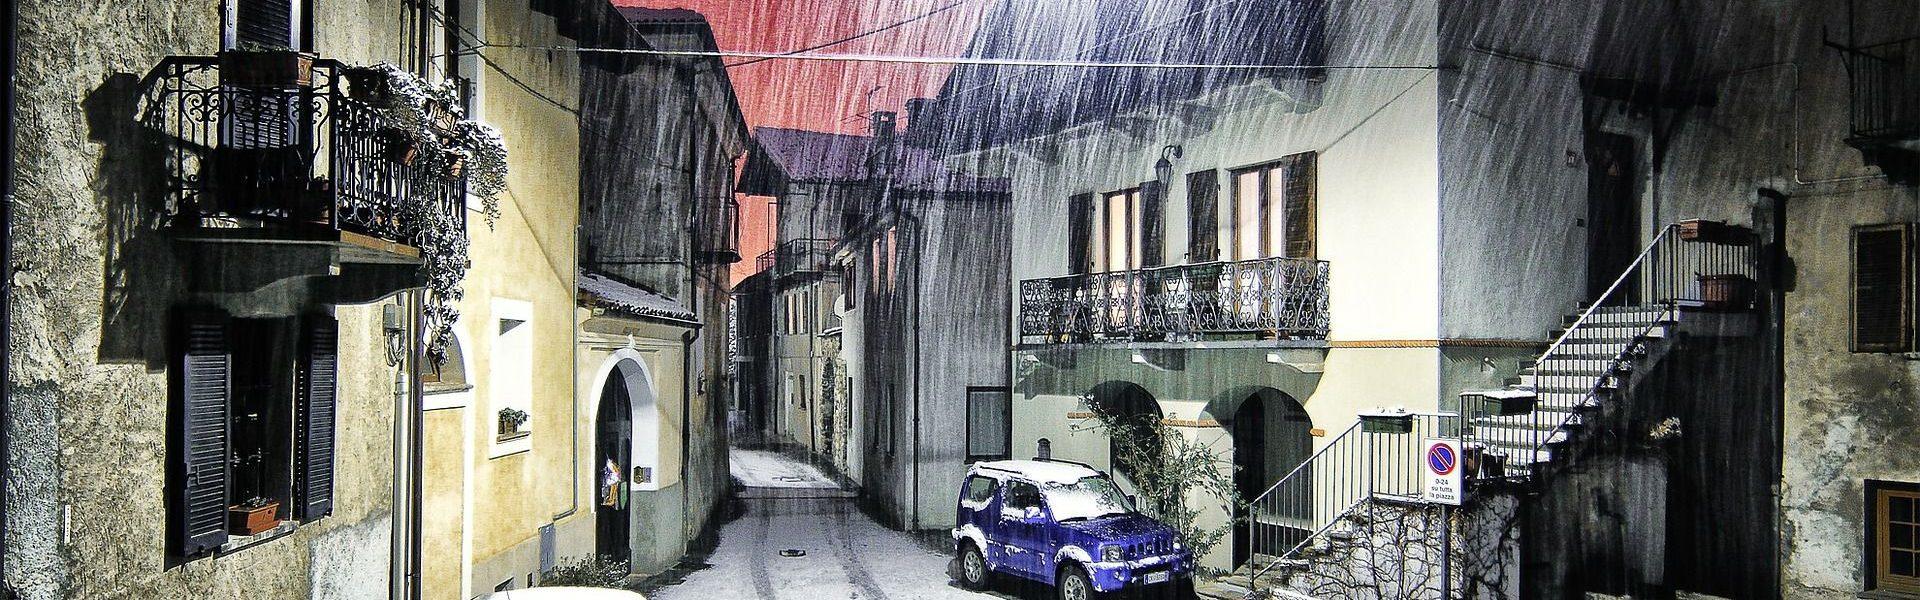 Śnieg na drogach